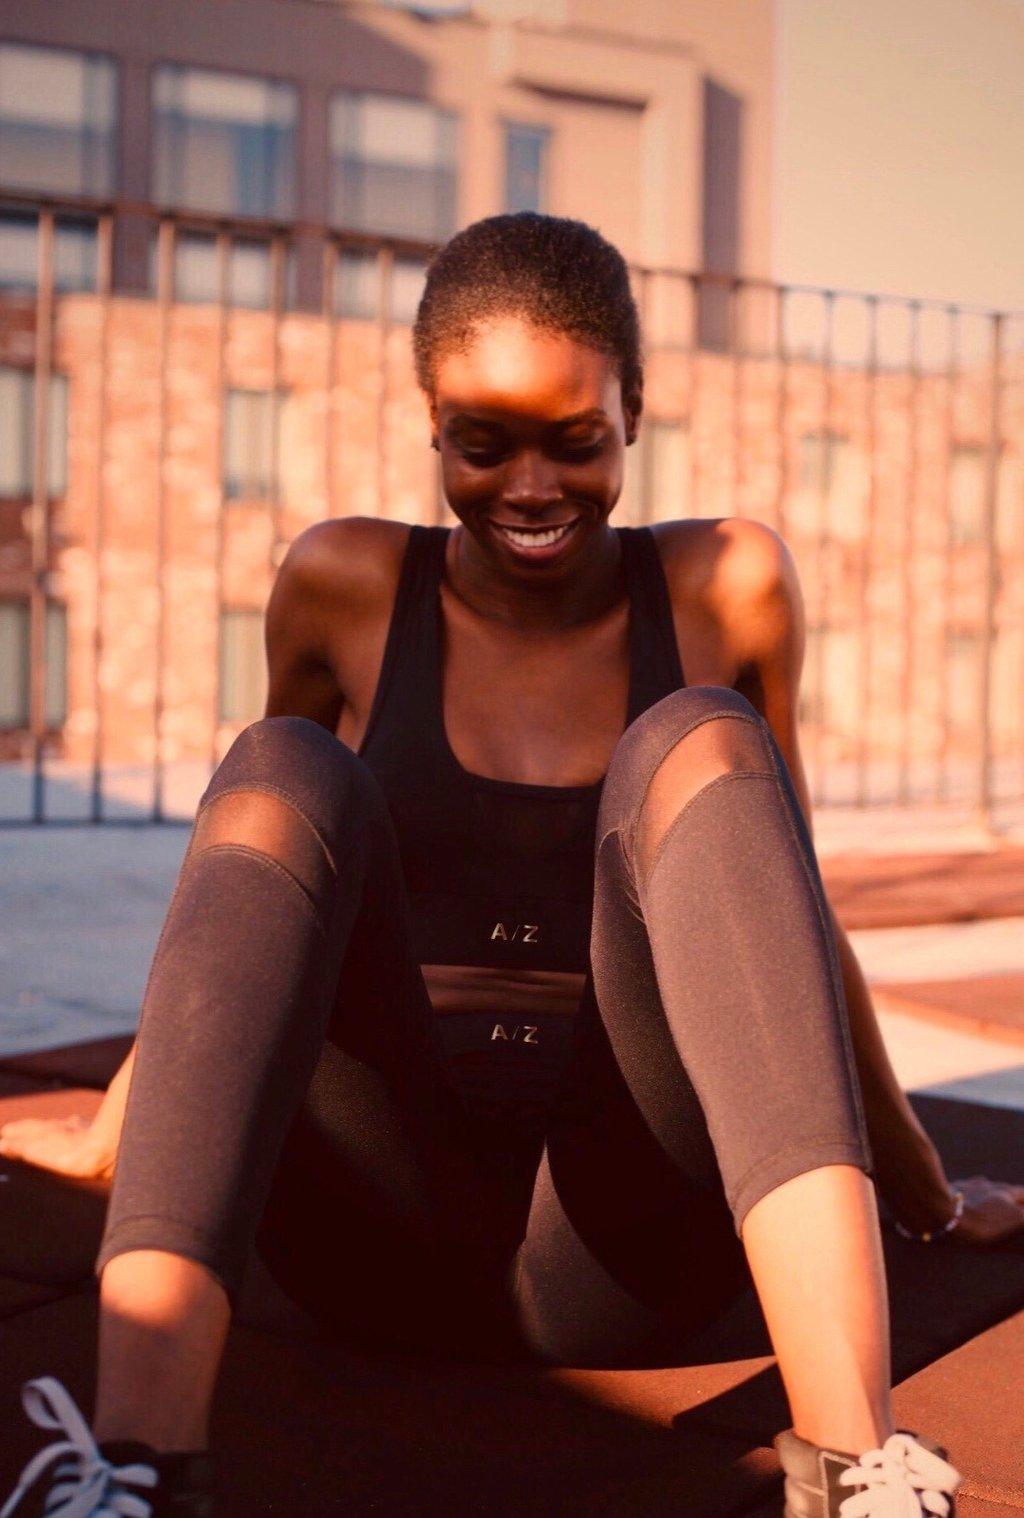 Image femme qui sourit , elle est assise et elle porte un legging noir de la marque AZ/AR